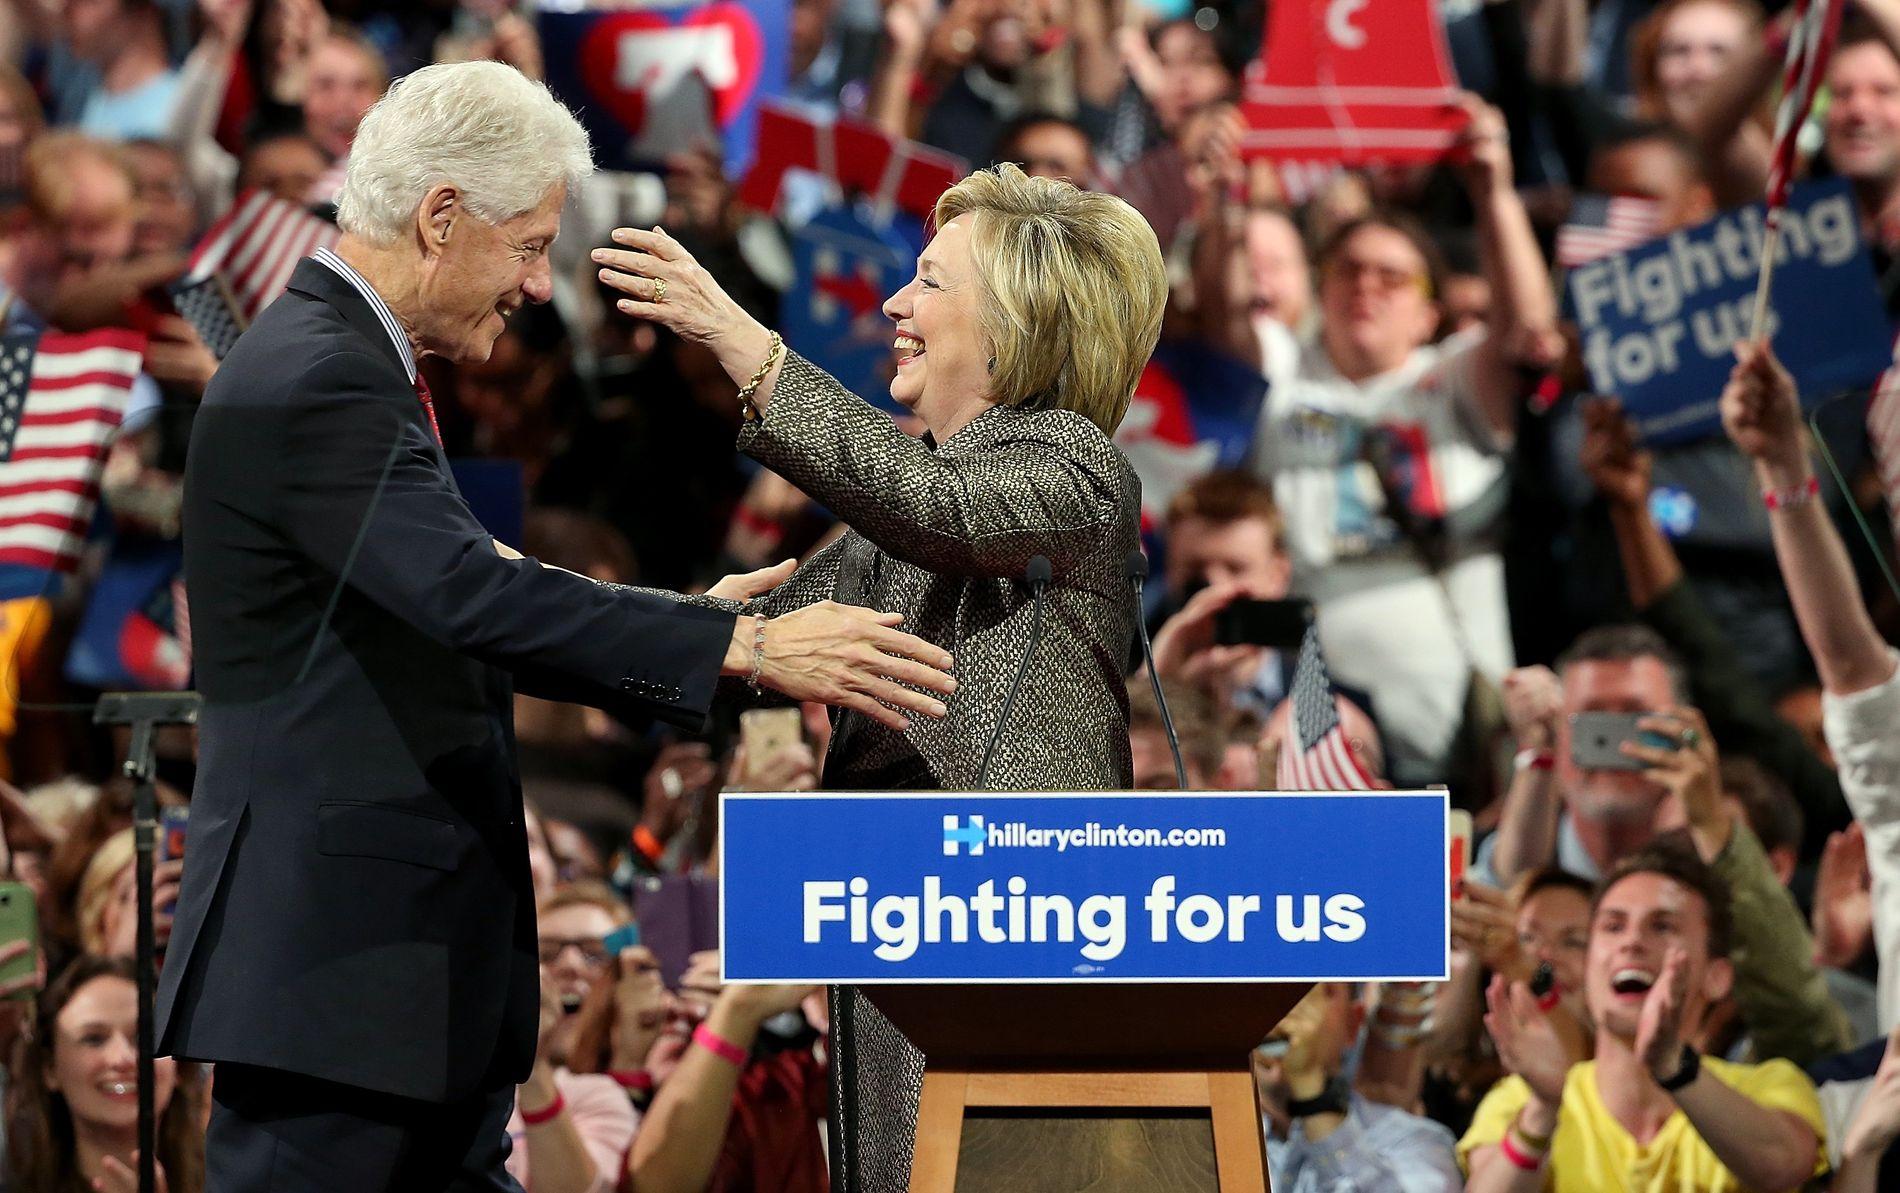 TAKKET FOR STØTTEN: Hillary og Bill Clinton på scenen i Philadelphia i Pennsylvania i natt.